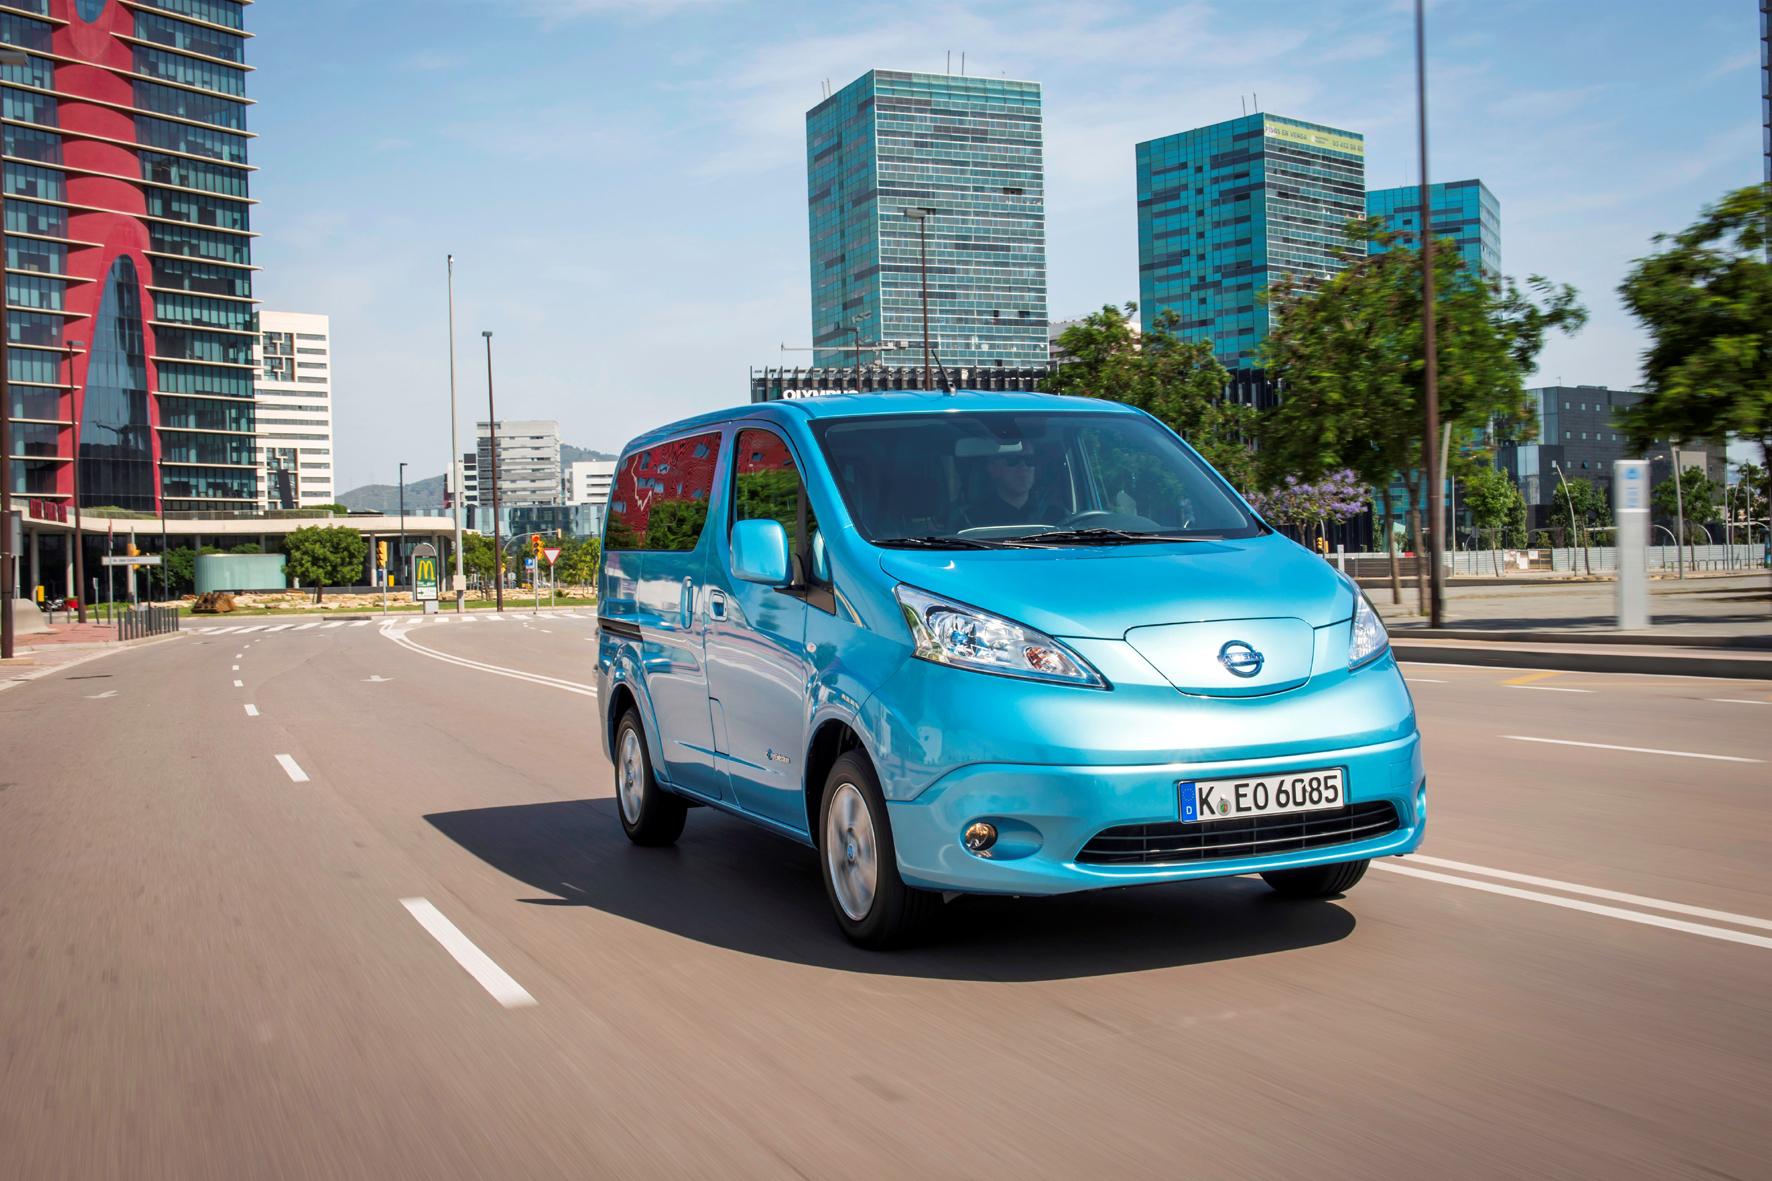 mid Düsseldorf - Handwerksbetriebe sparen beim Kauf oder Leasing des E-Transporters Nissan e-NV200 jetzt bis zu 5.000 Euro.